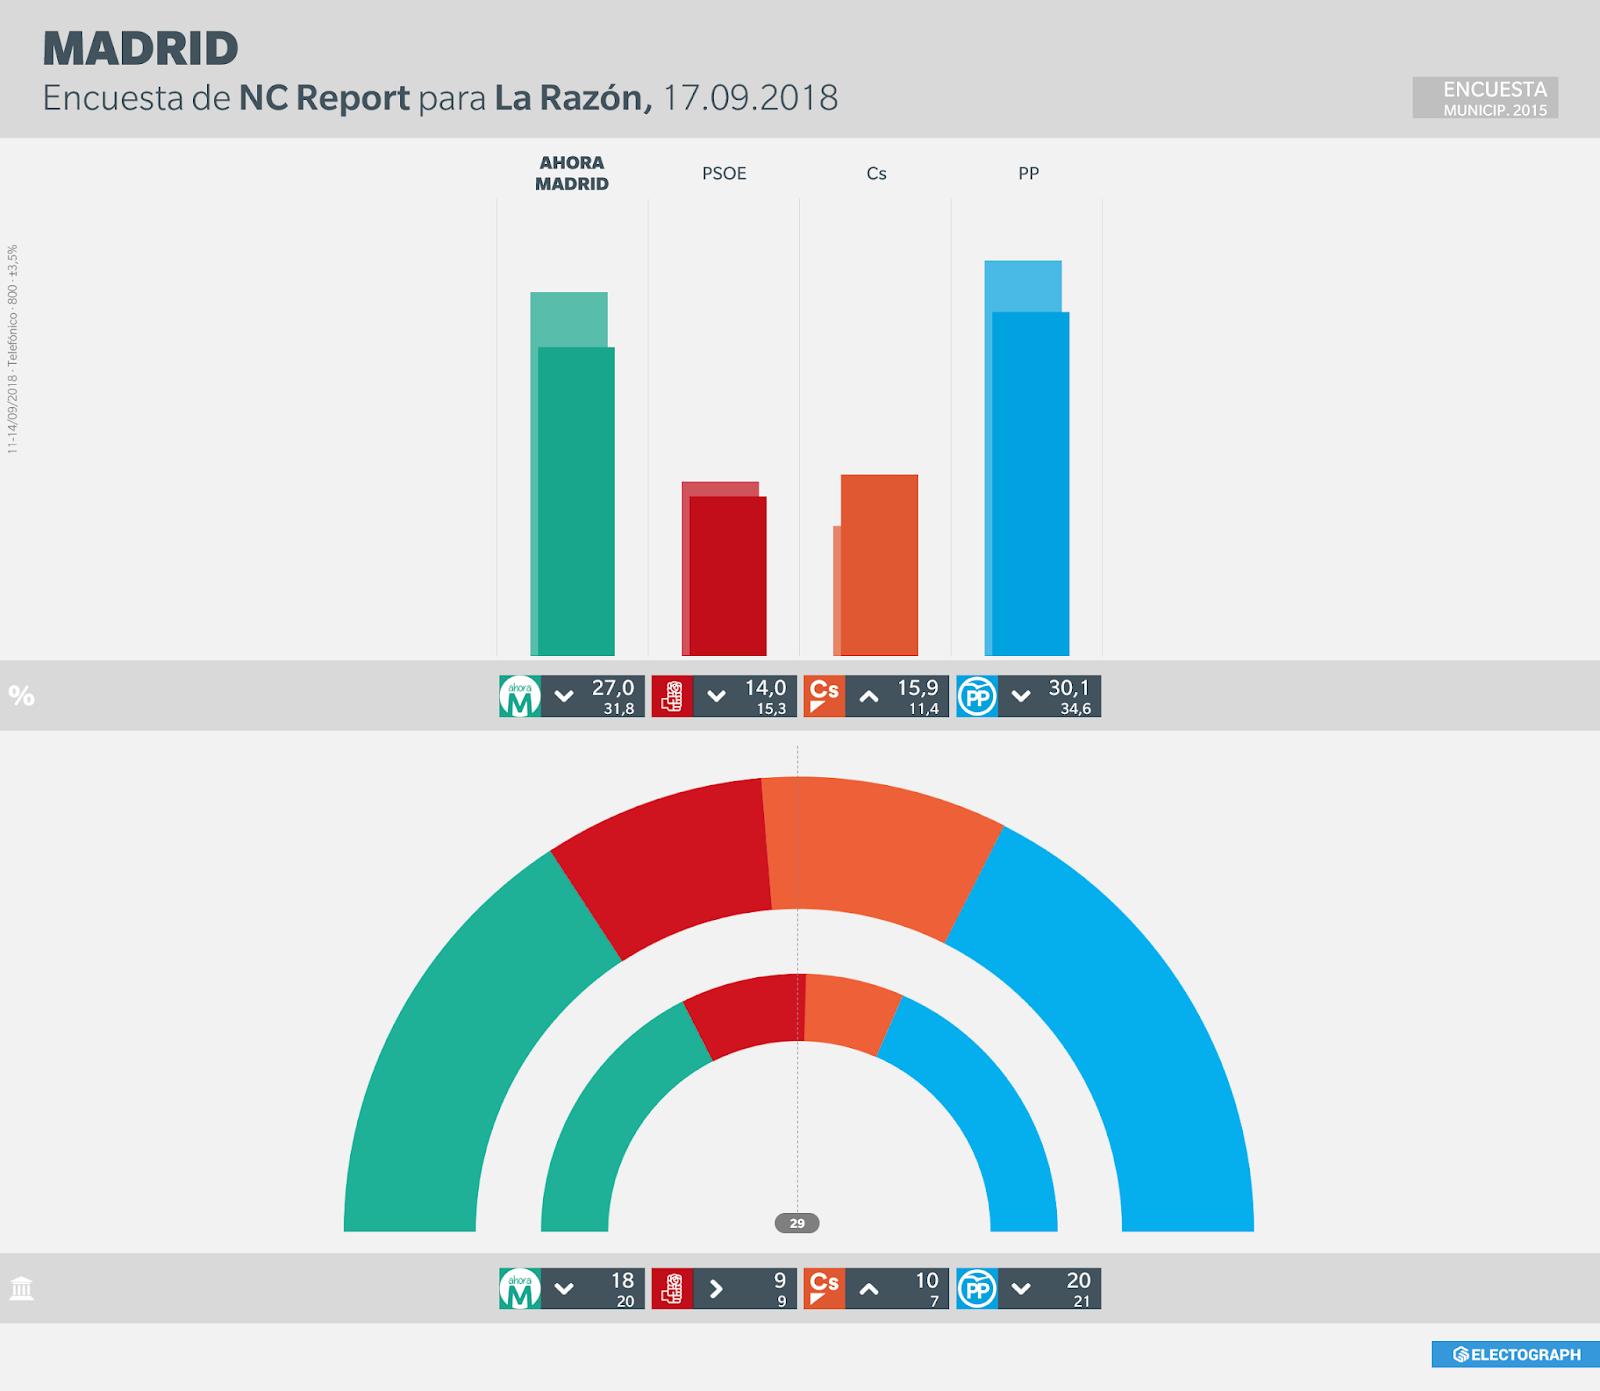 Gráfico de la encuesta para elecciones municipales en Madrid realizada por NC Report para La Razón en septiembre de 2018